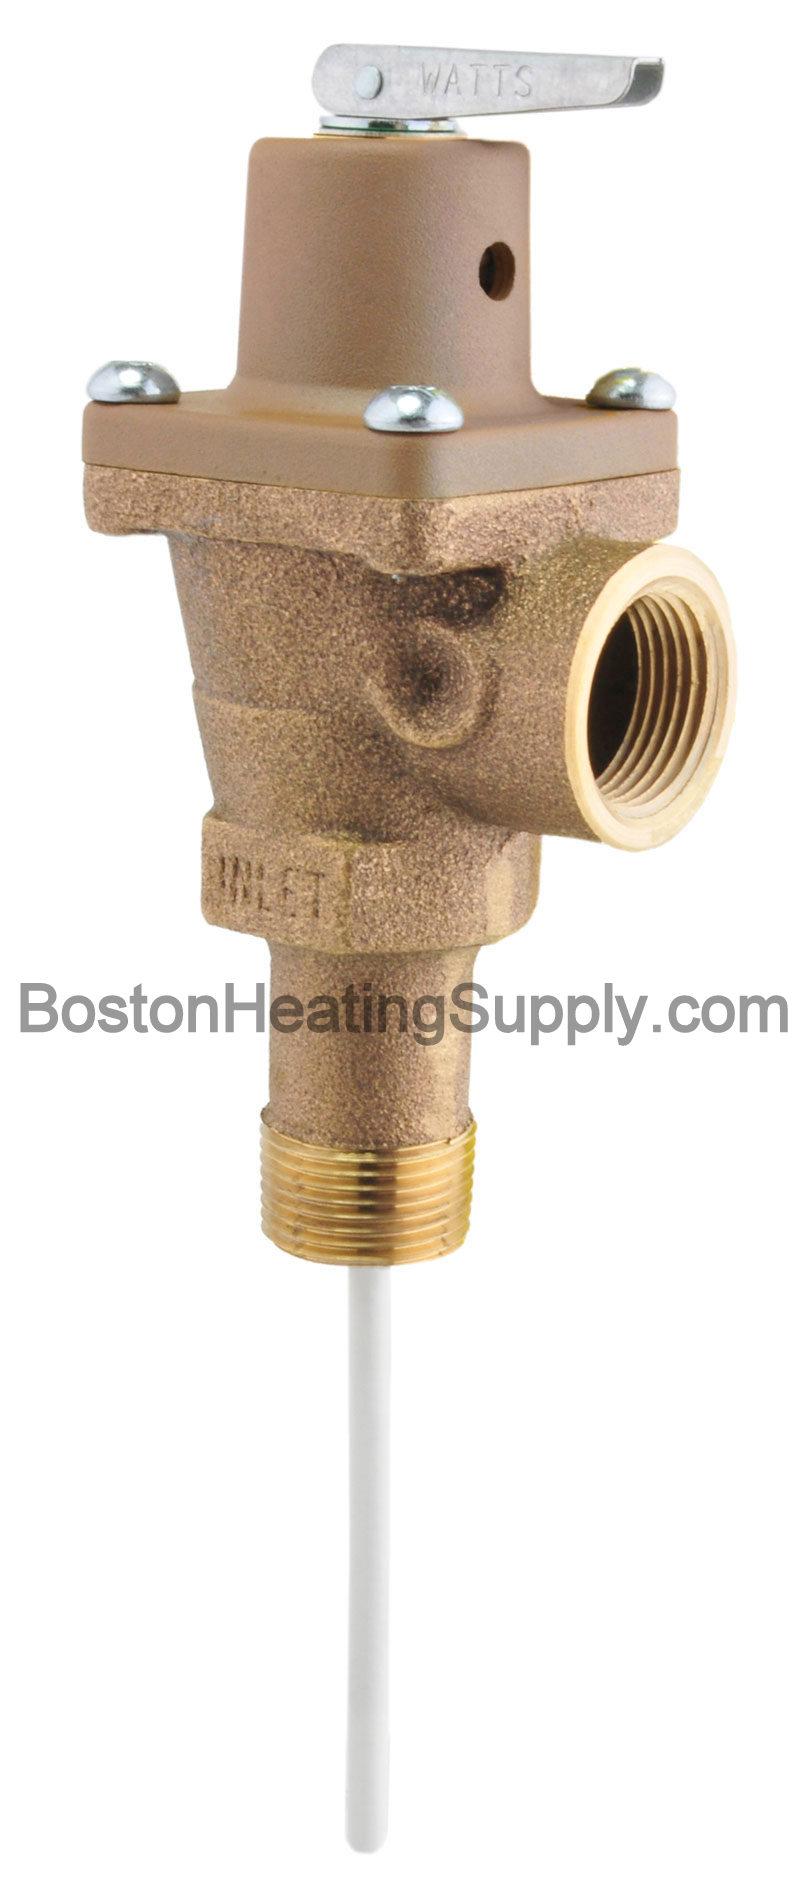 Rheem Sp9013d Temperature And Pressure Relief Valve